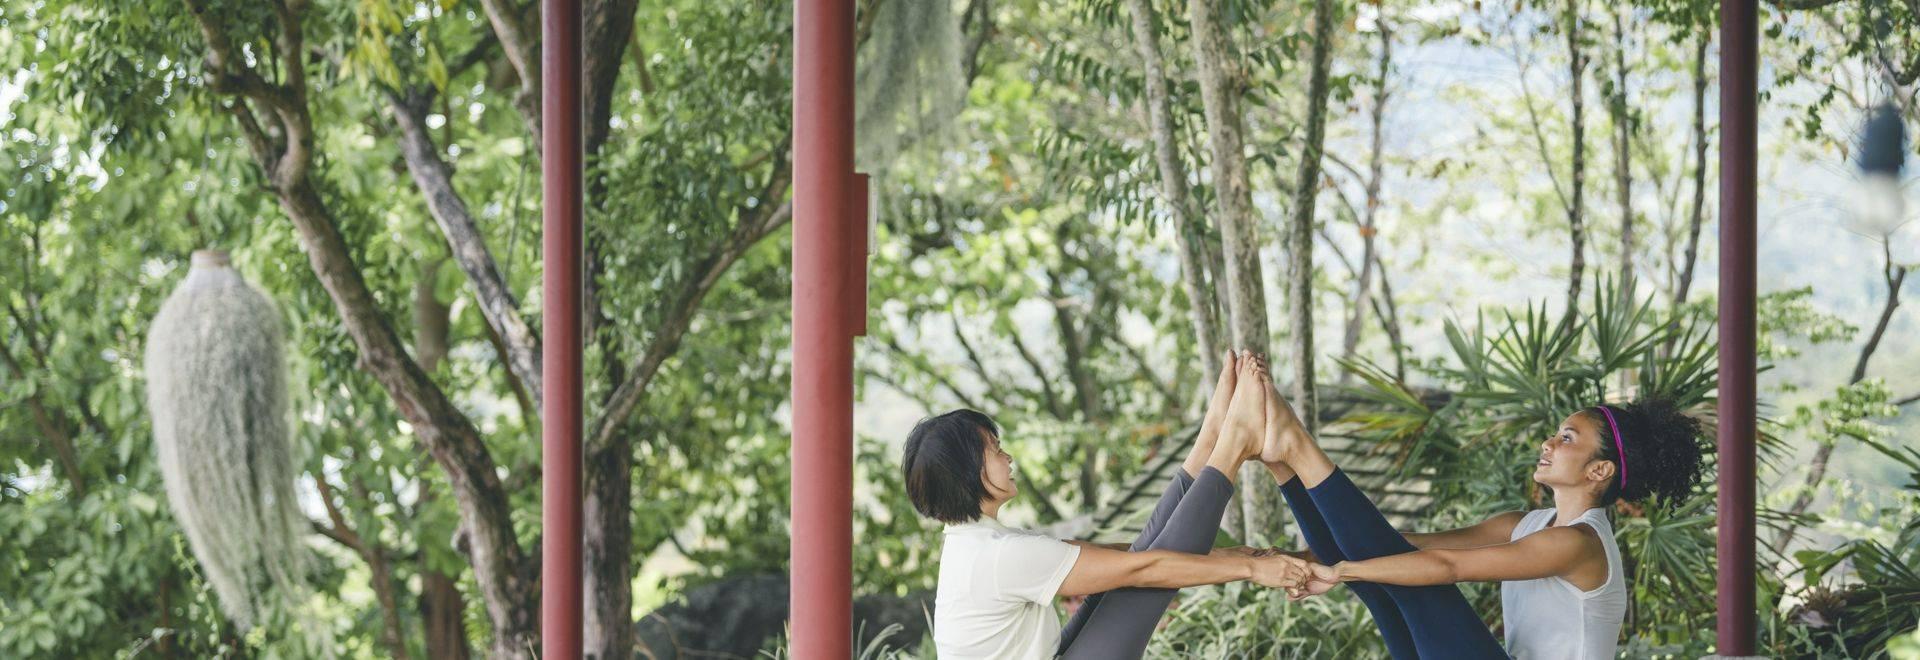 One-to-one_Yoga.jpg